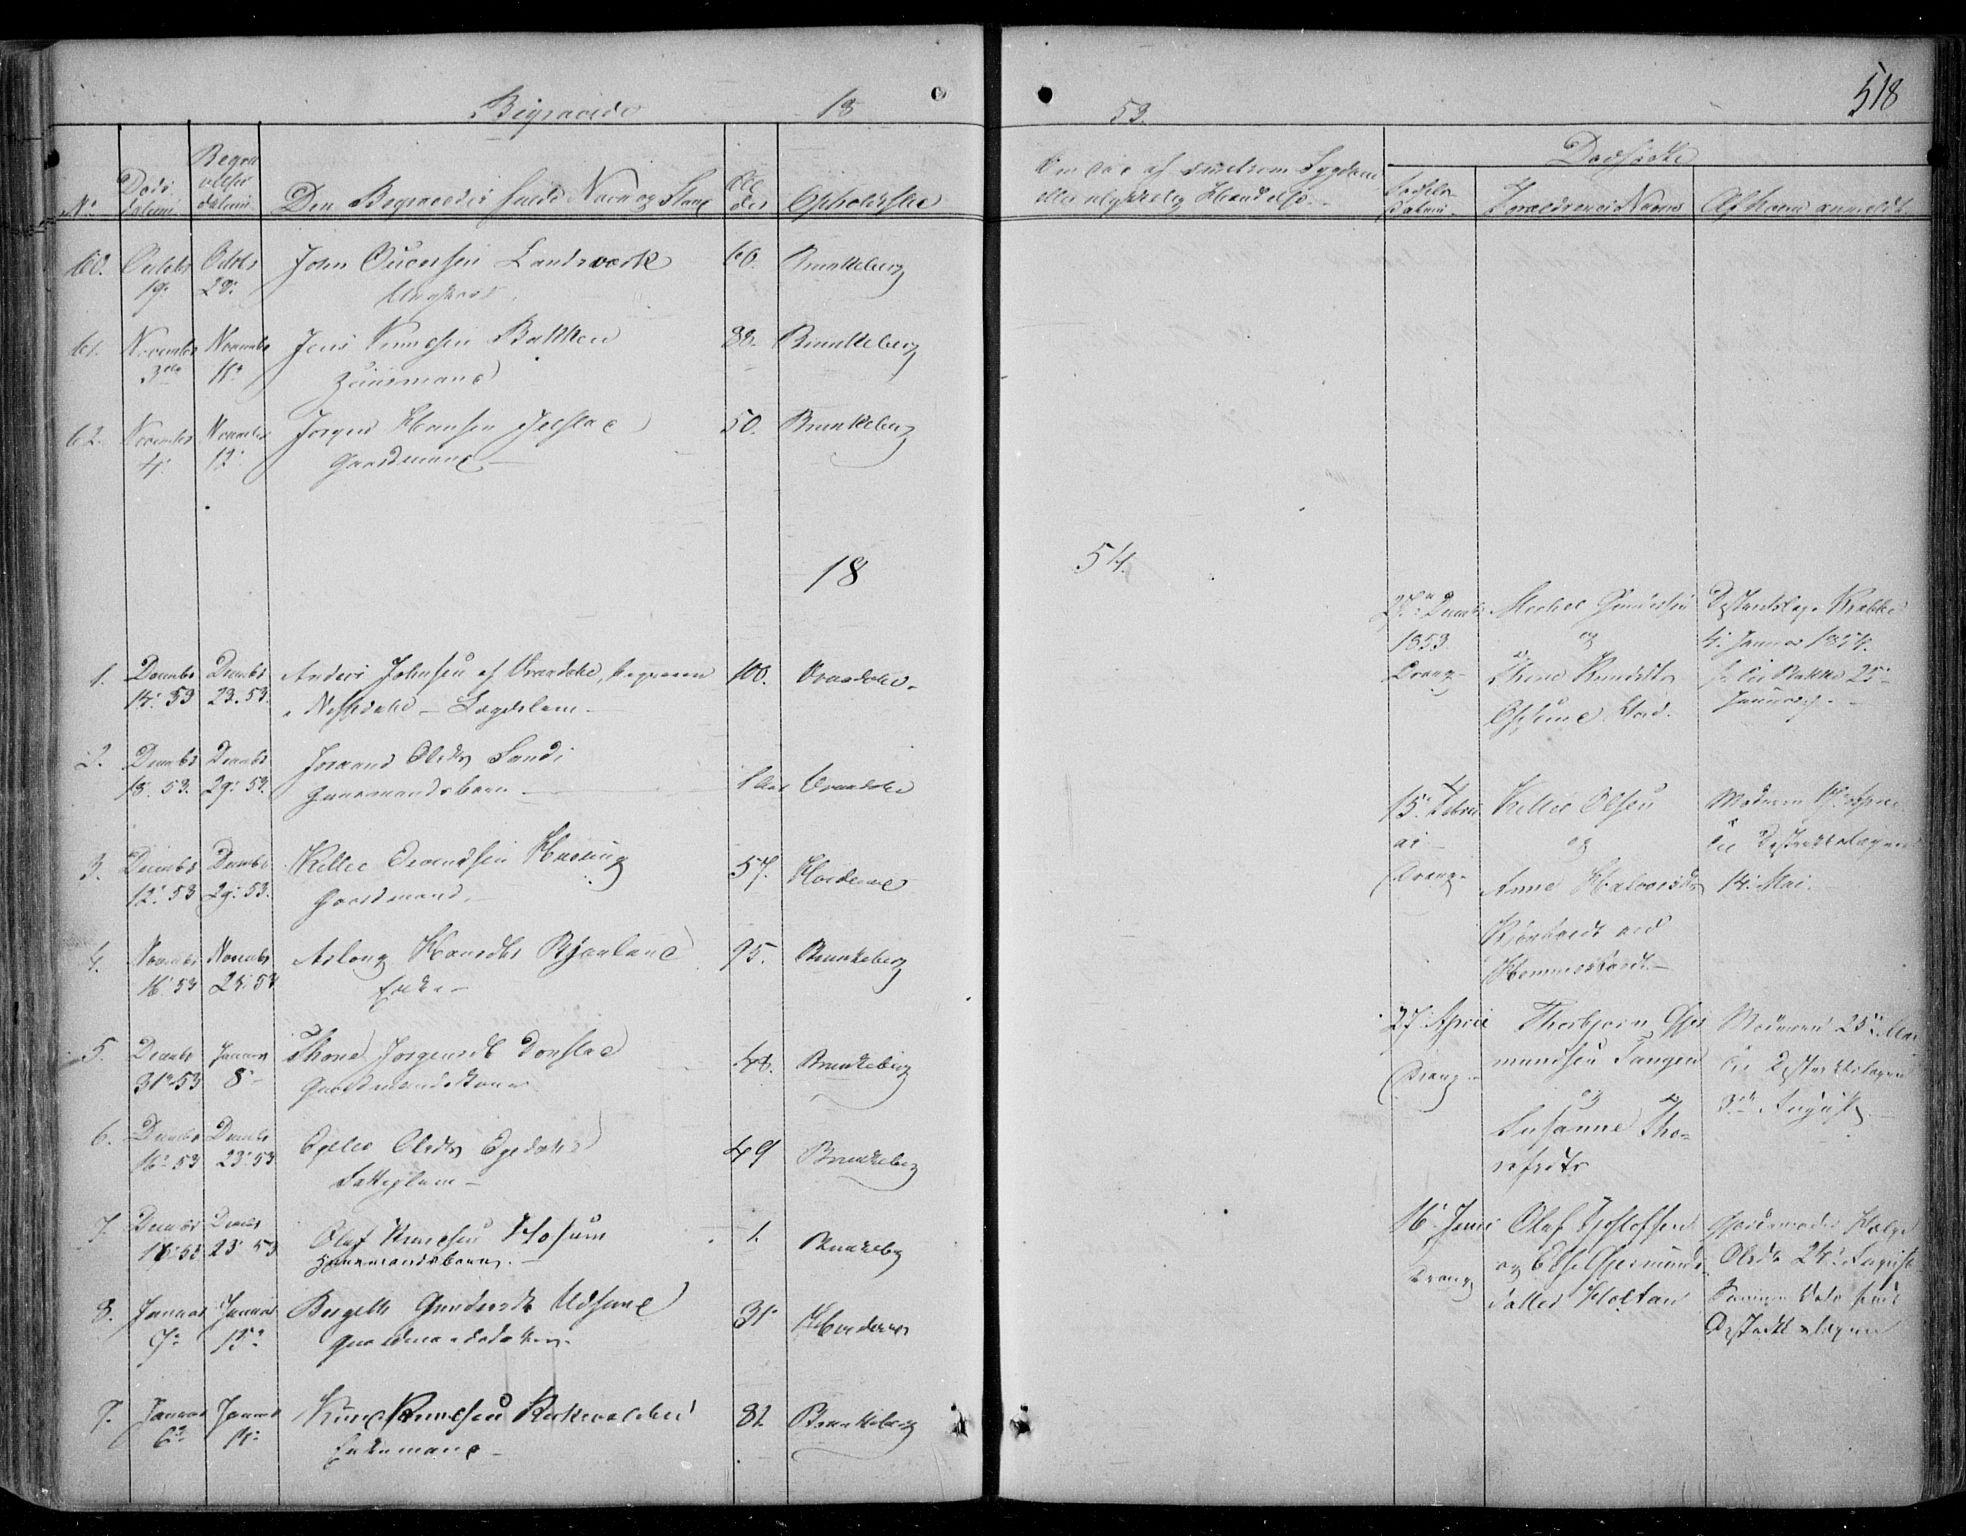 SAKO, Kviteseid kirkebøker, F/Fa/L0006: Ministerialbok nr. I 6, 1836-1858, s. 518